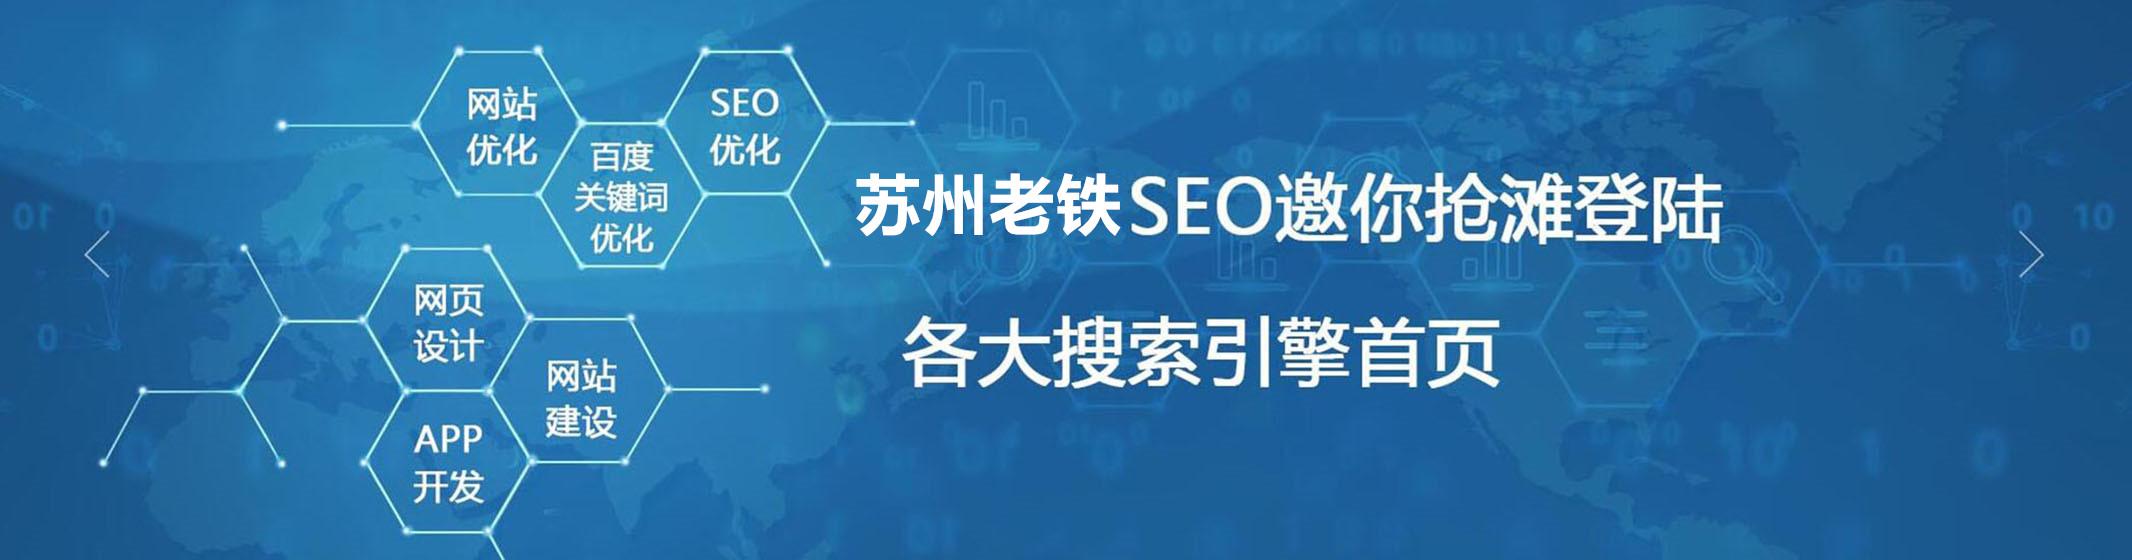 江苏百度首页网站推广发帖团队